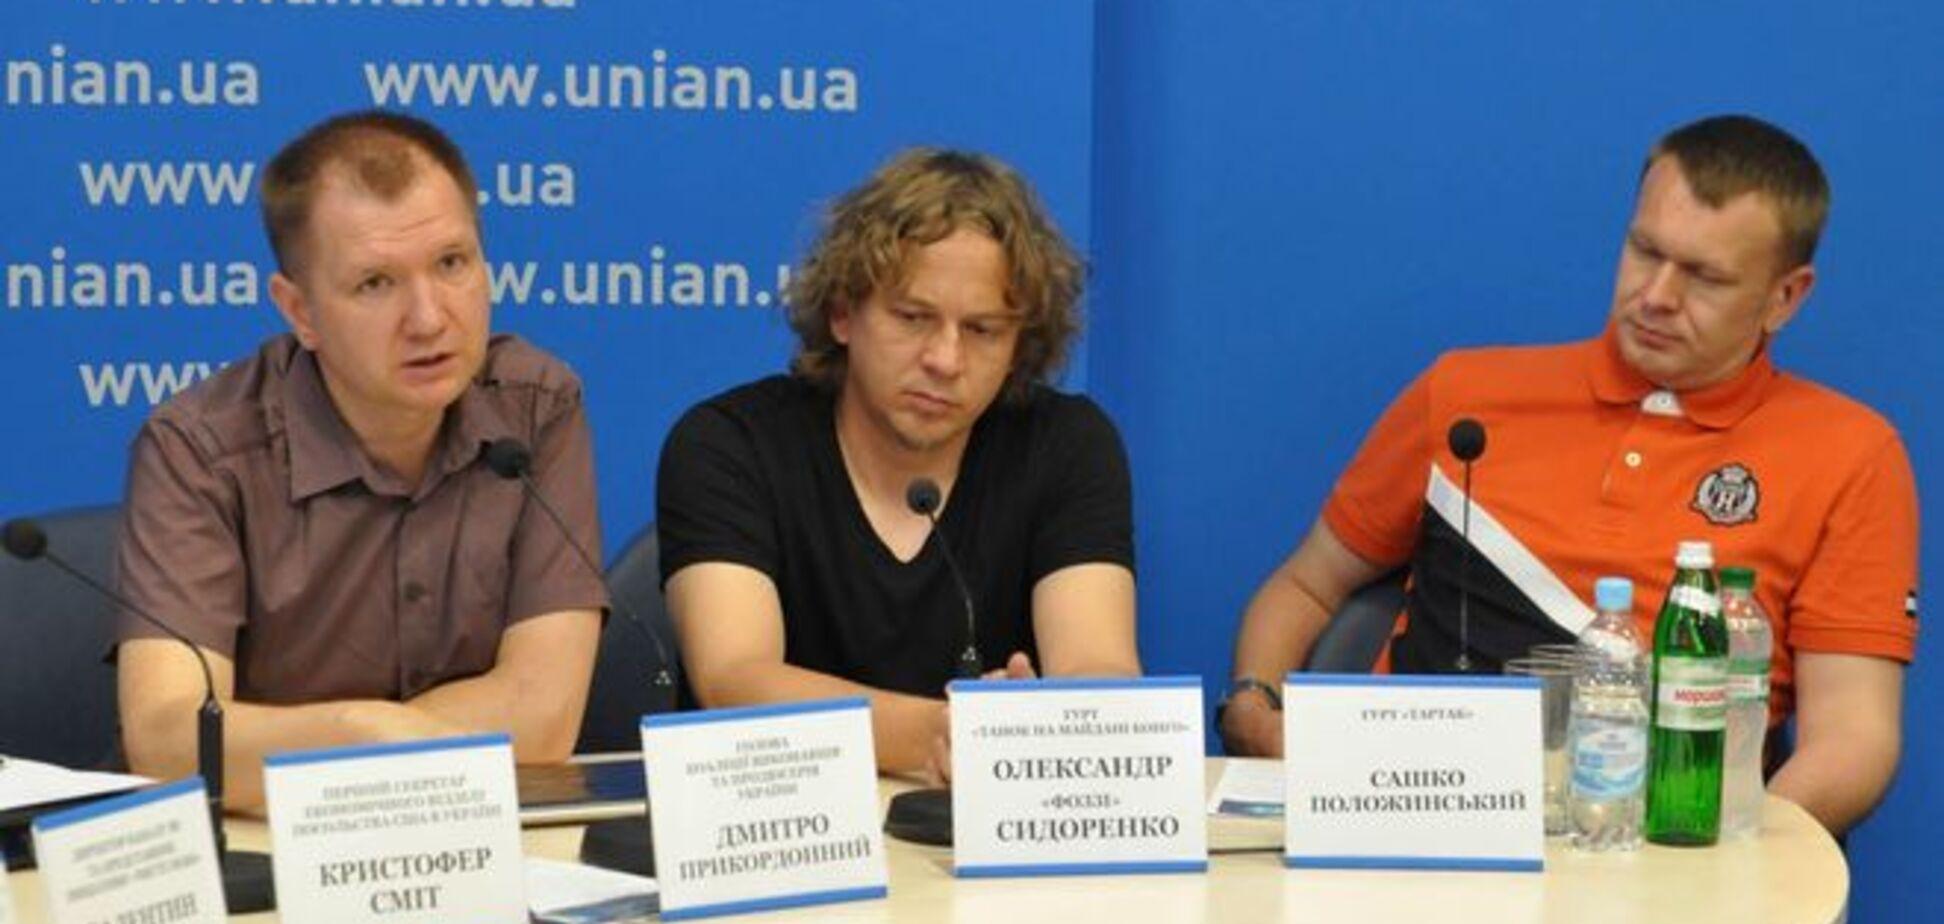 Эволюция музыки: украинских артистов ежегодно 'кидают' на 60 млн евро!